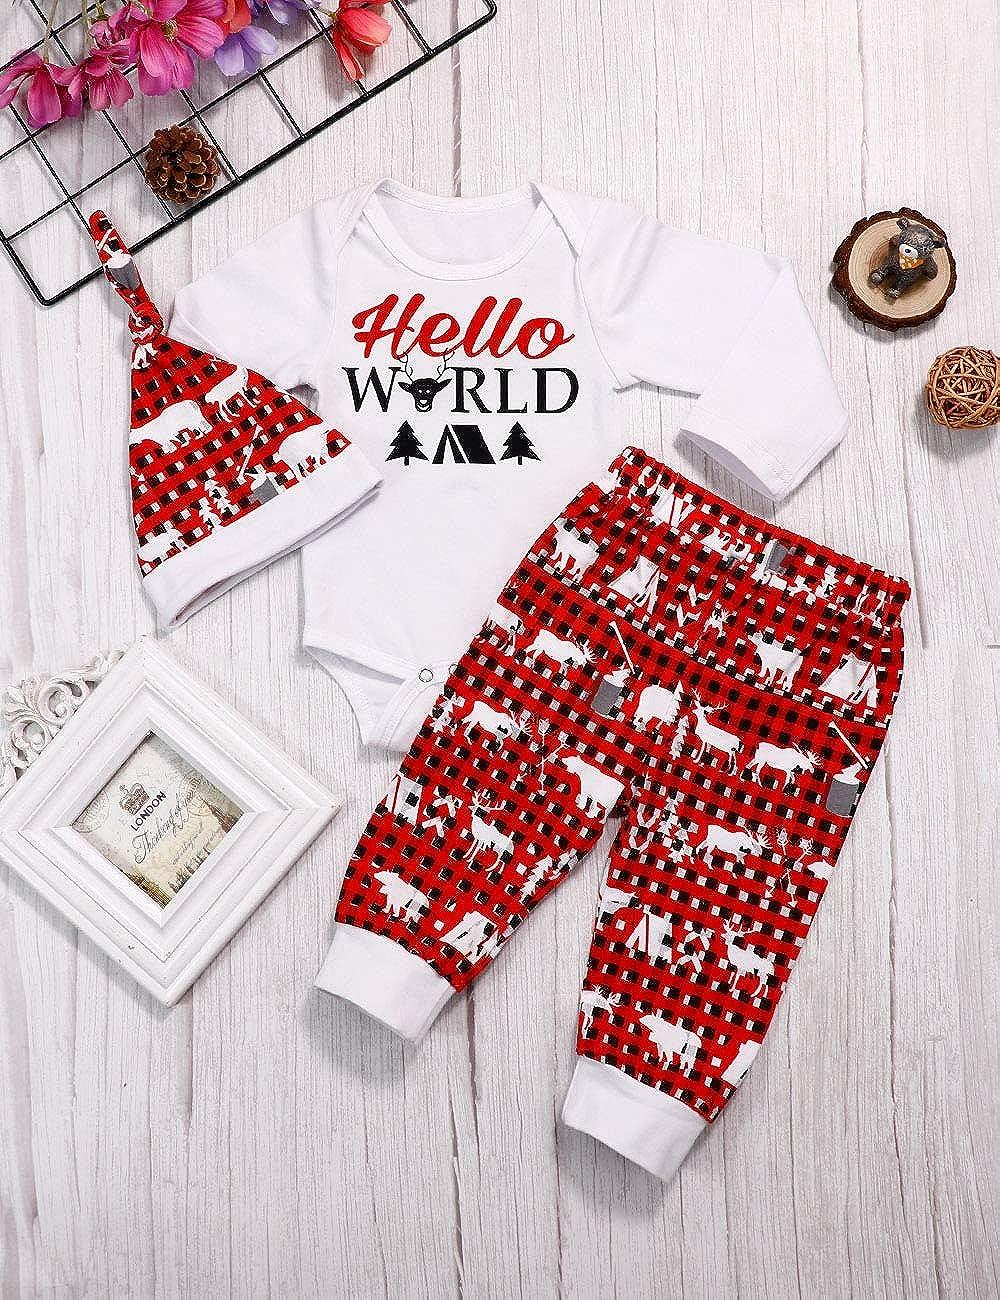 Sfuzwg Set di Abbigliamento per Bambina neonata 2 Pezzi Completi Pagliaccetto Pantaloni Autunno Inverno Fiori Tute